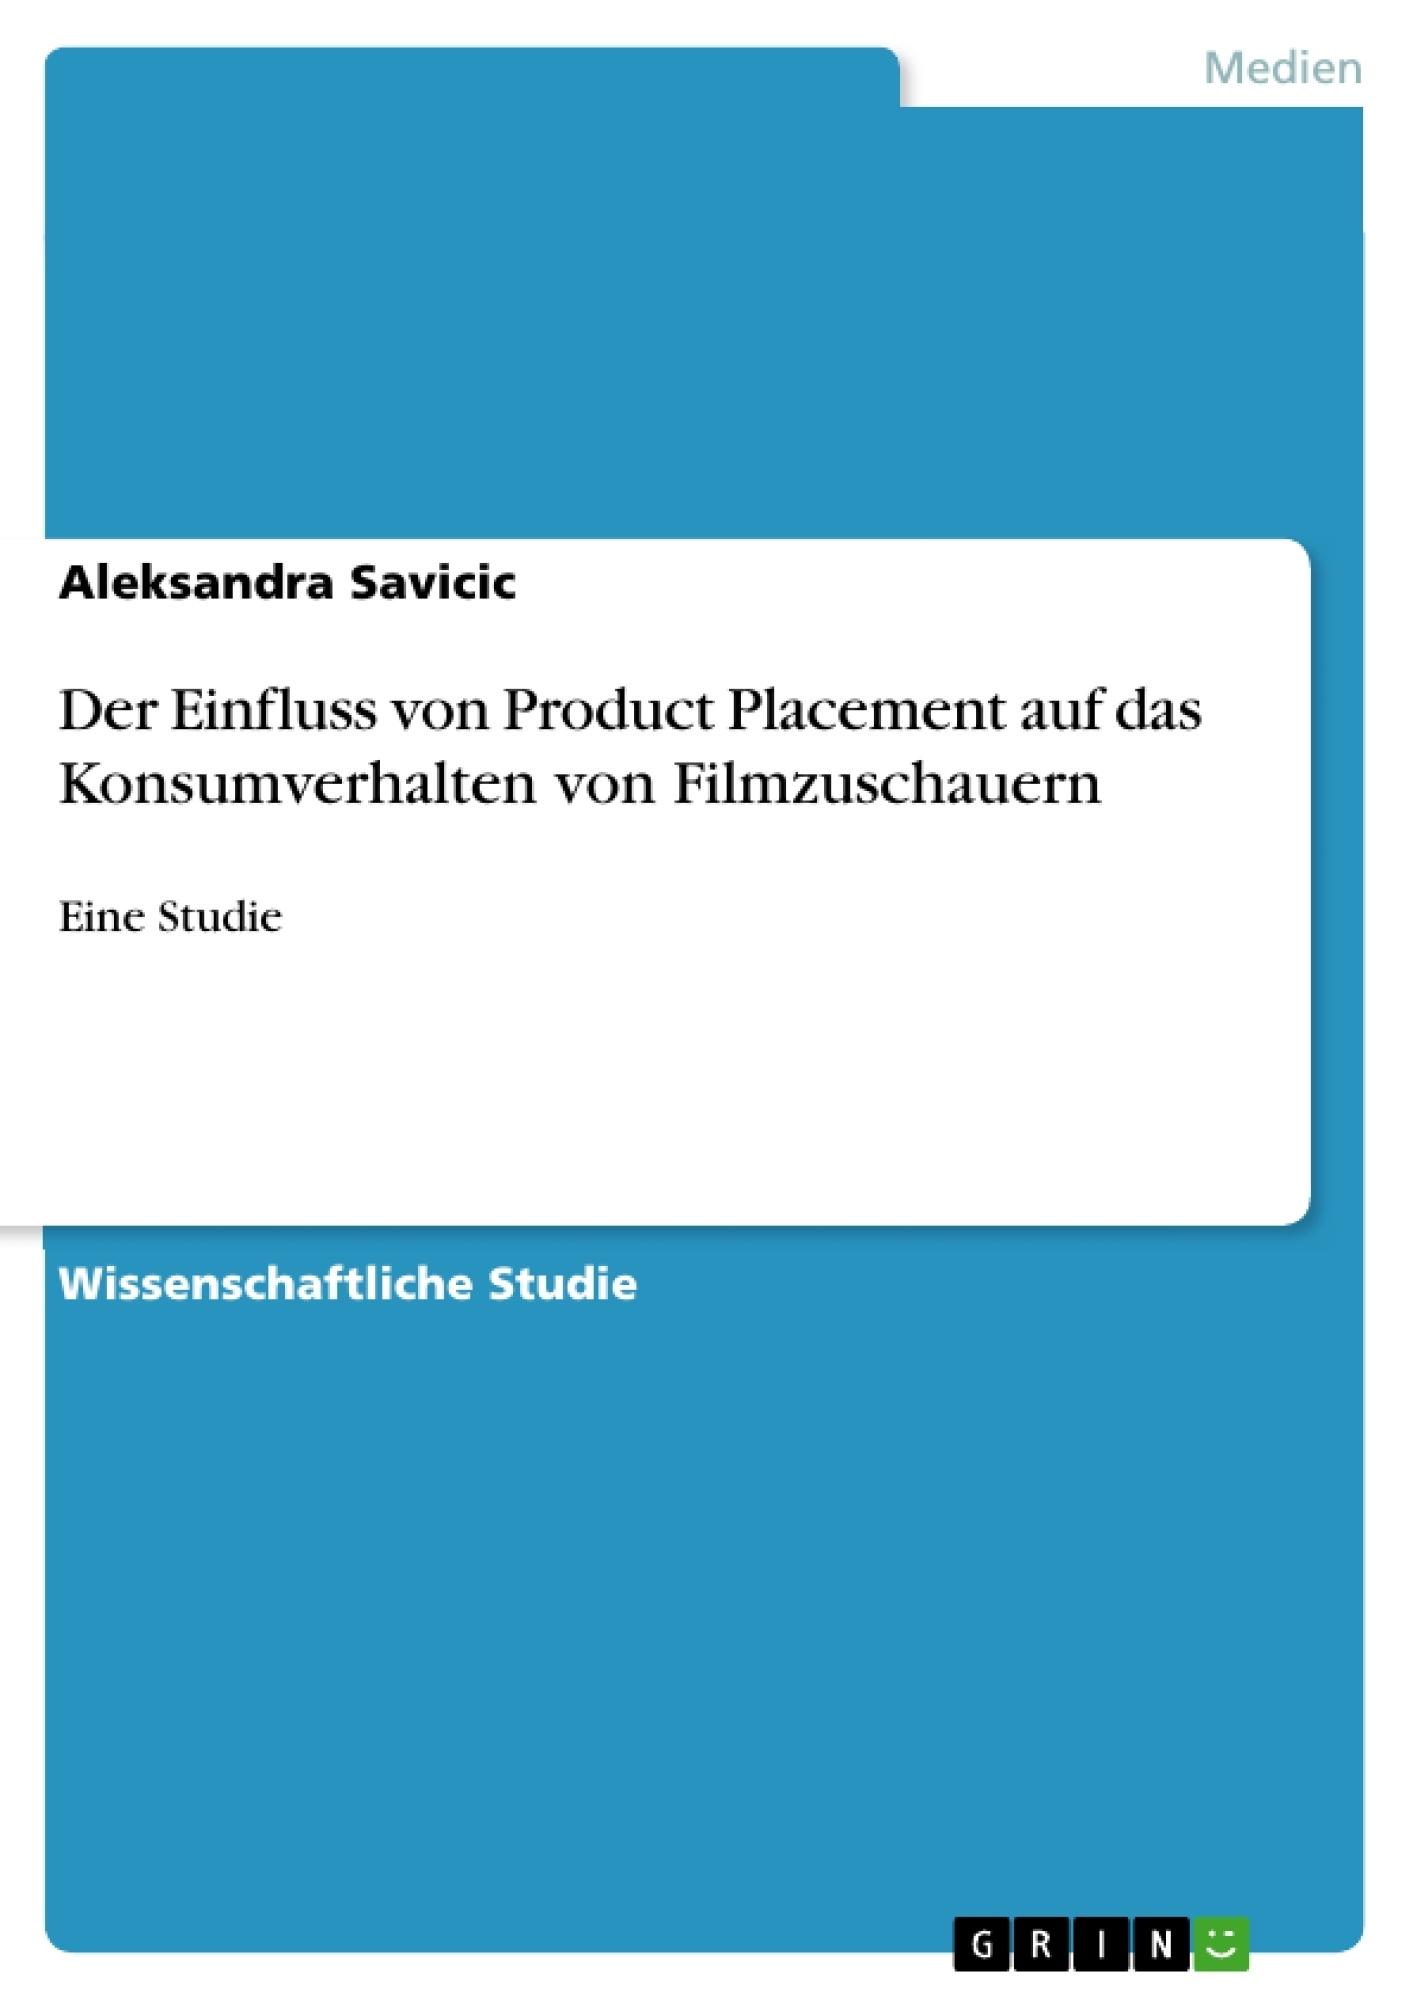 Titel: Der Einfluss von Product Placement auf das Konsumverhalten von Filmzuschauern